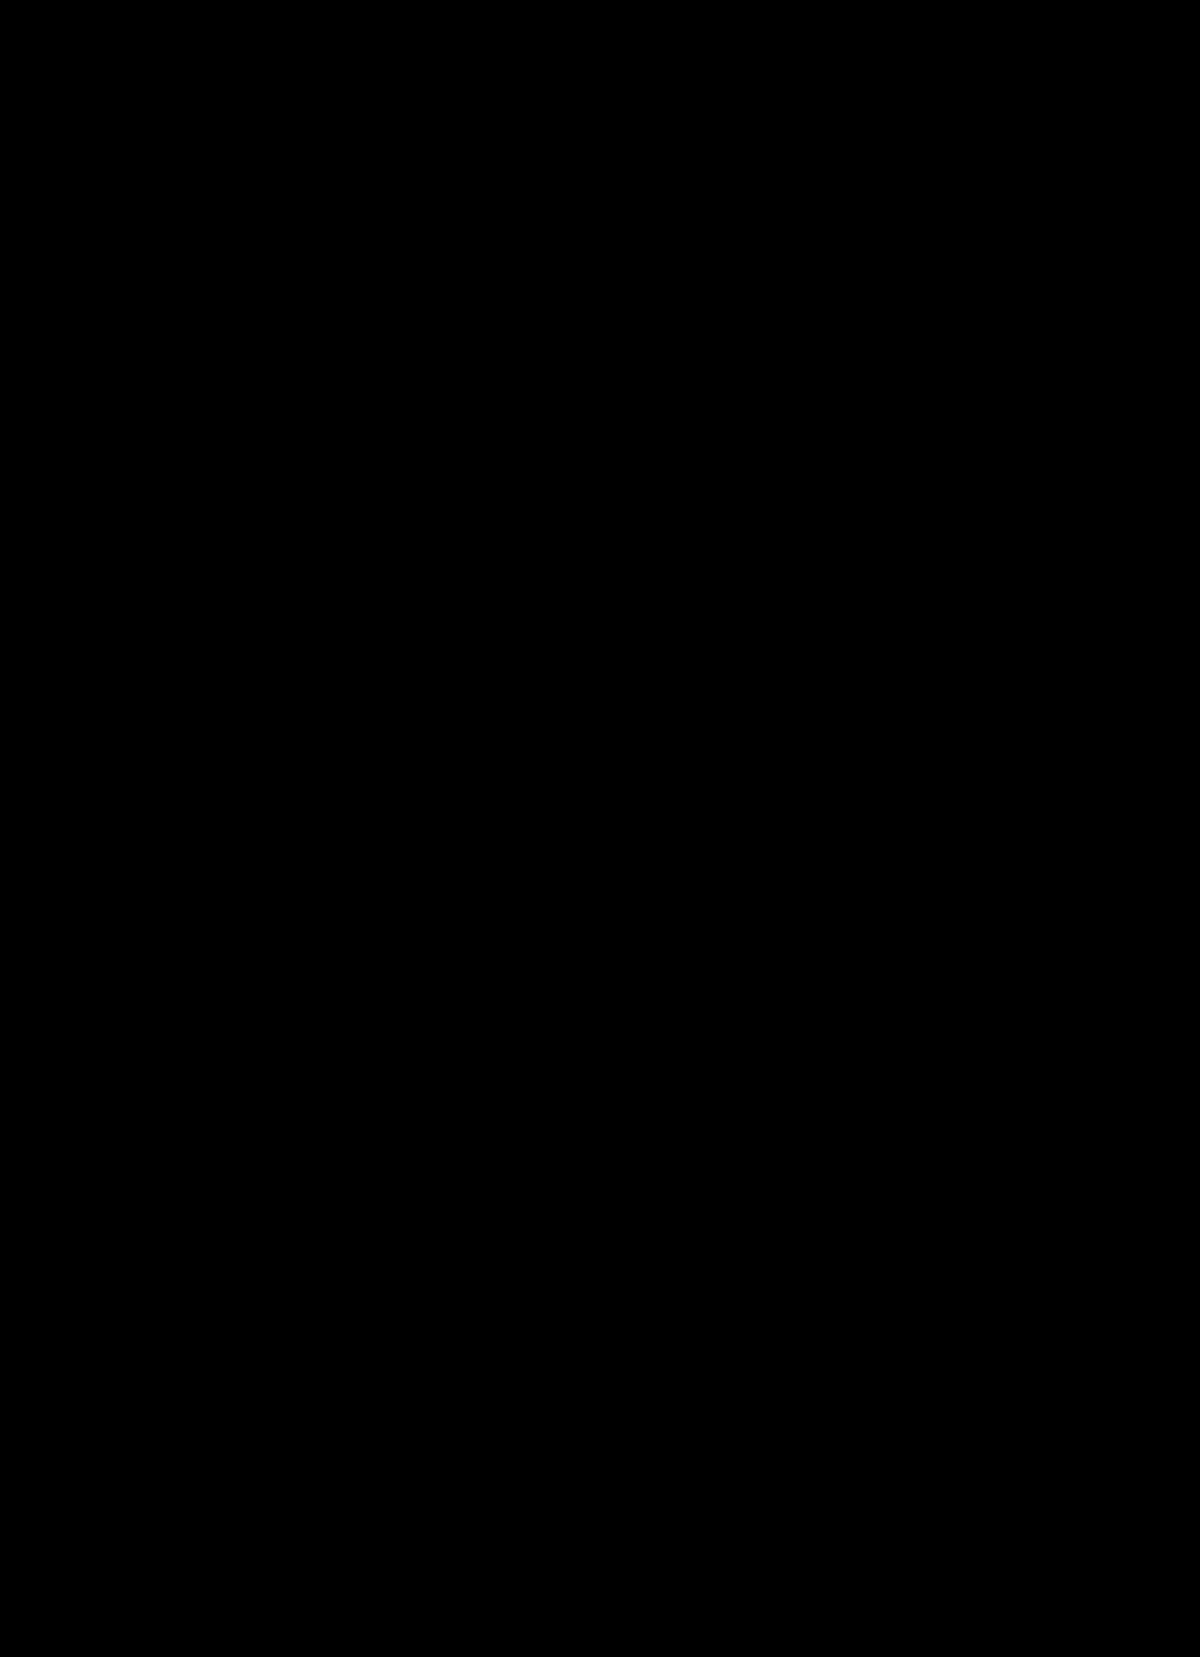 Abierta la inscripción de la VIII Legua Urbana Twinner